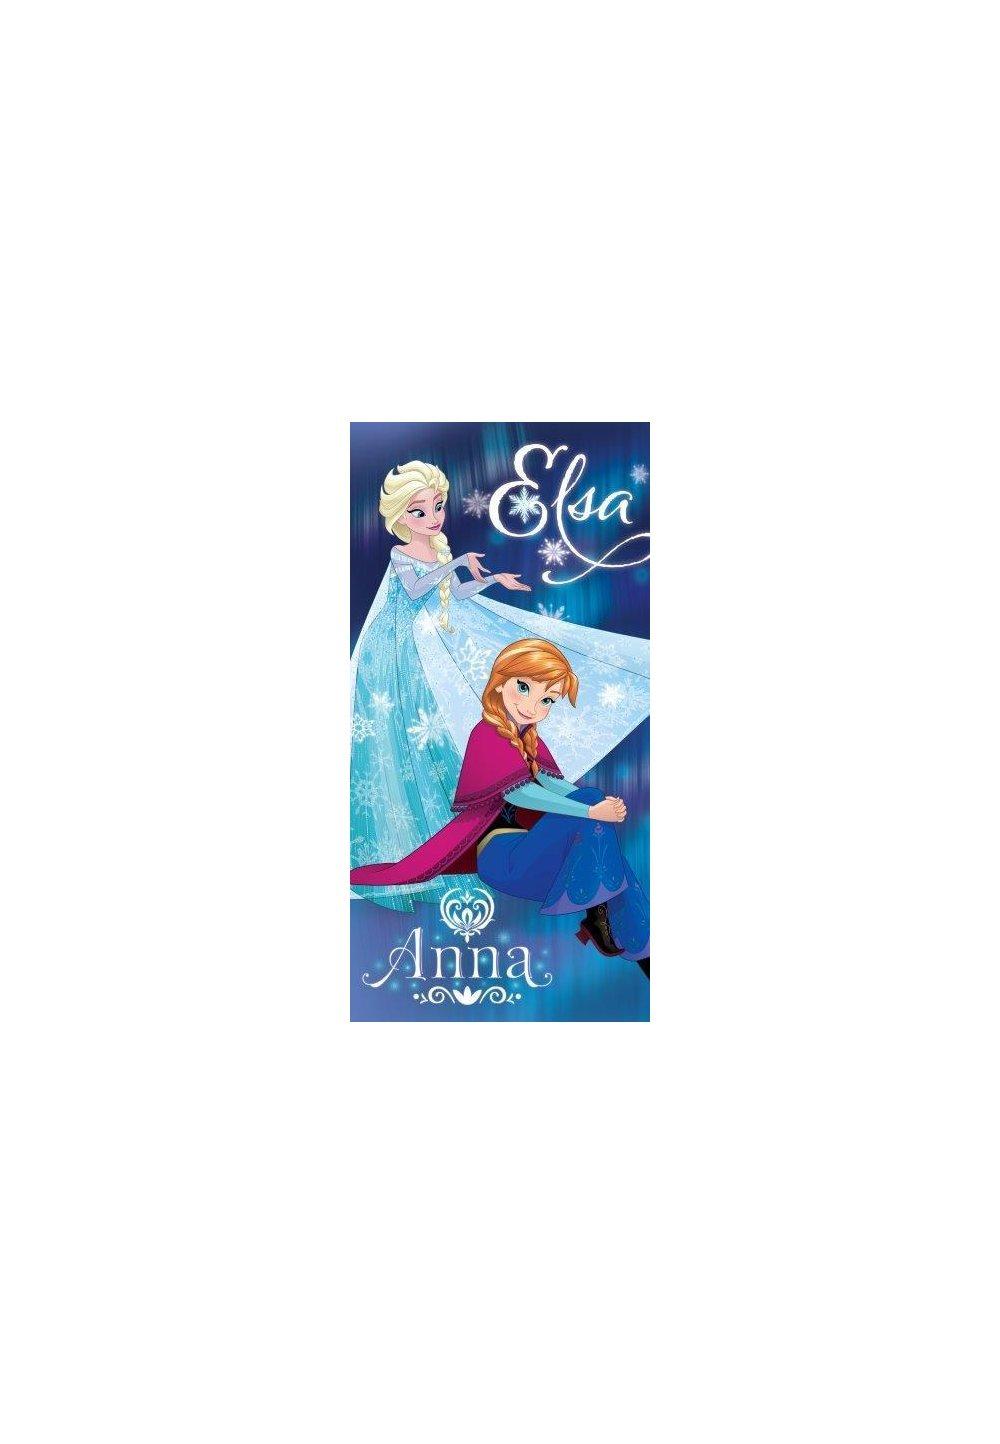 Prosop de plaja, albastru, Anna si Elsa, 70x140cm imagine